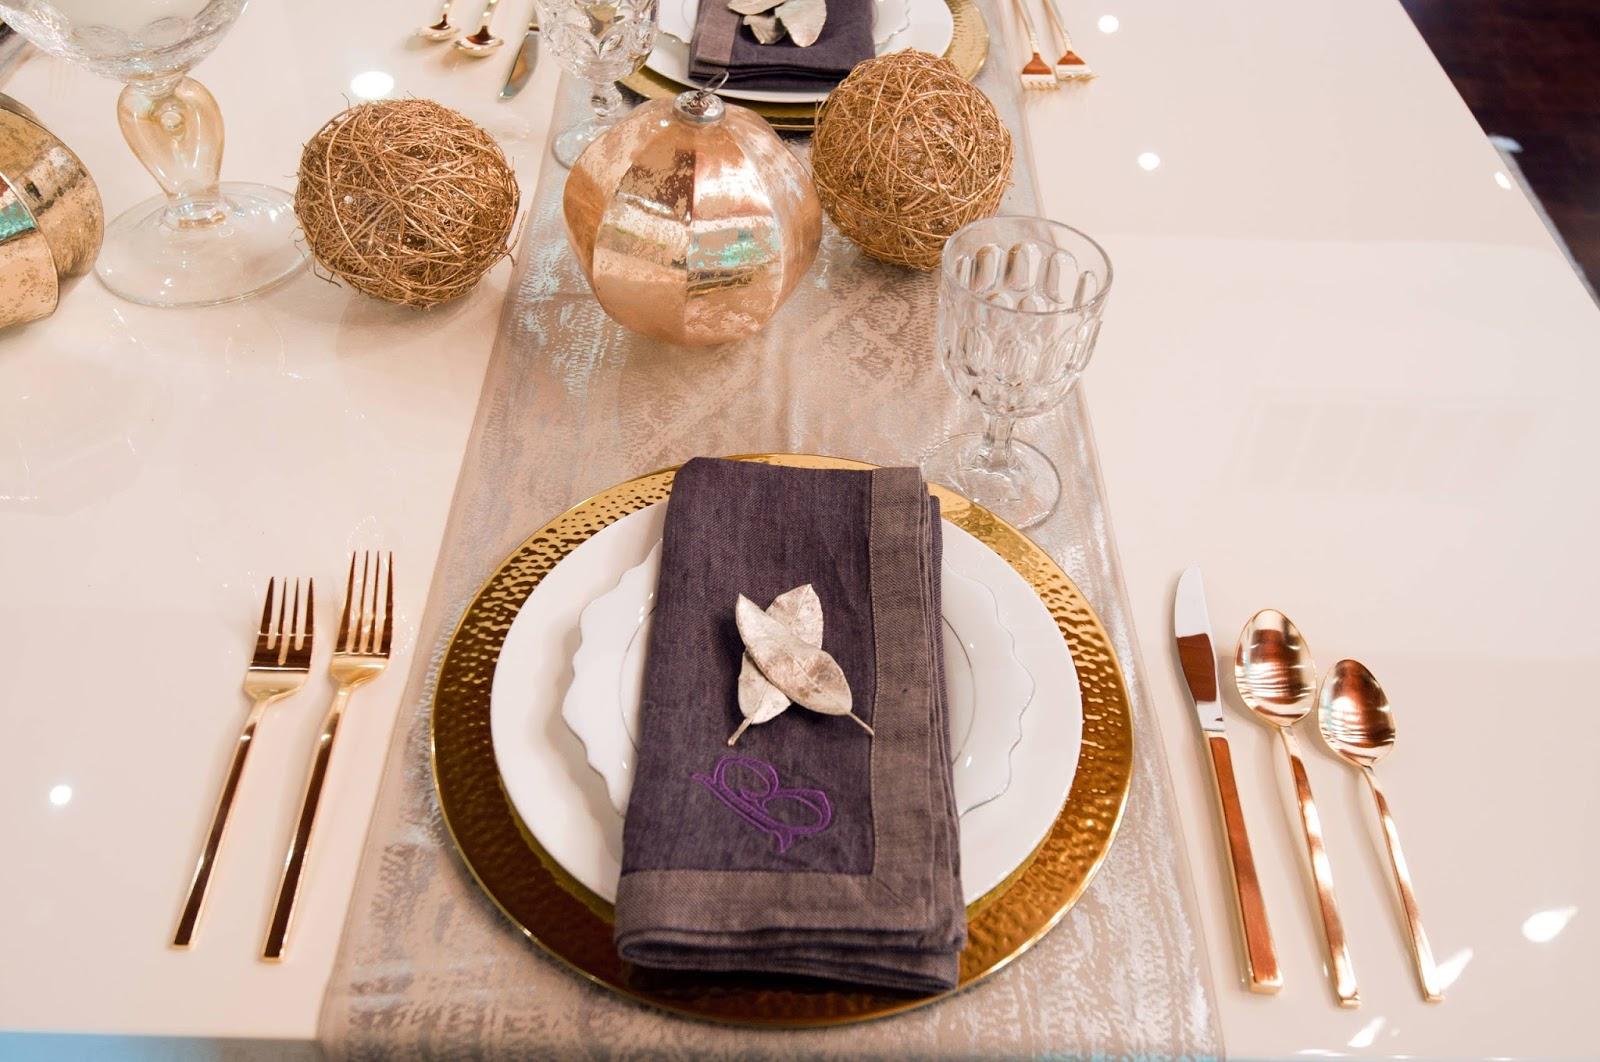 Обилие золотистых кантов и поверзностей в сервировке праздничного стола